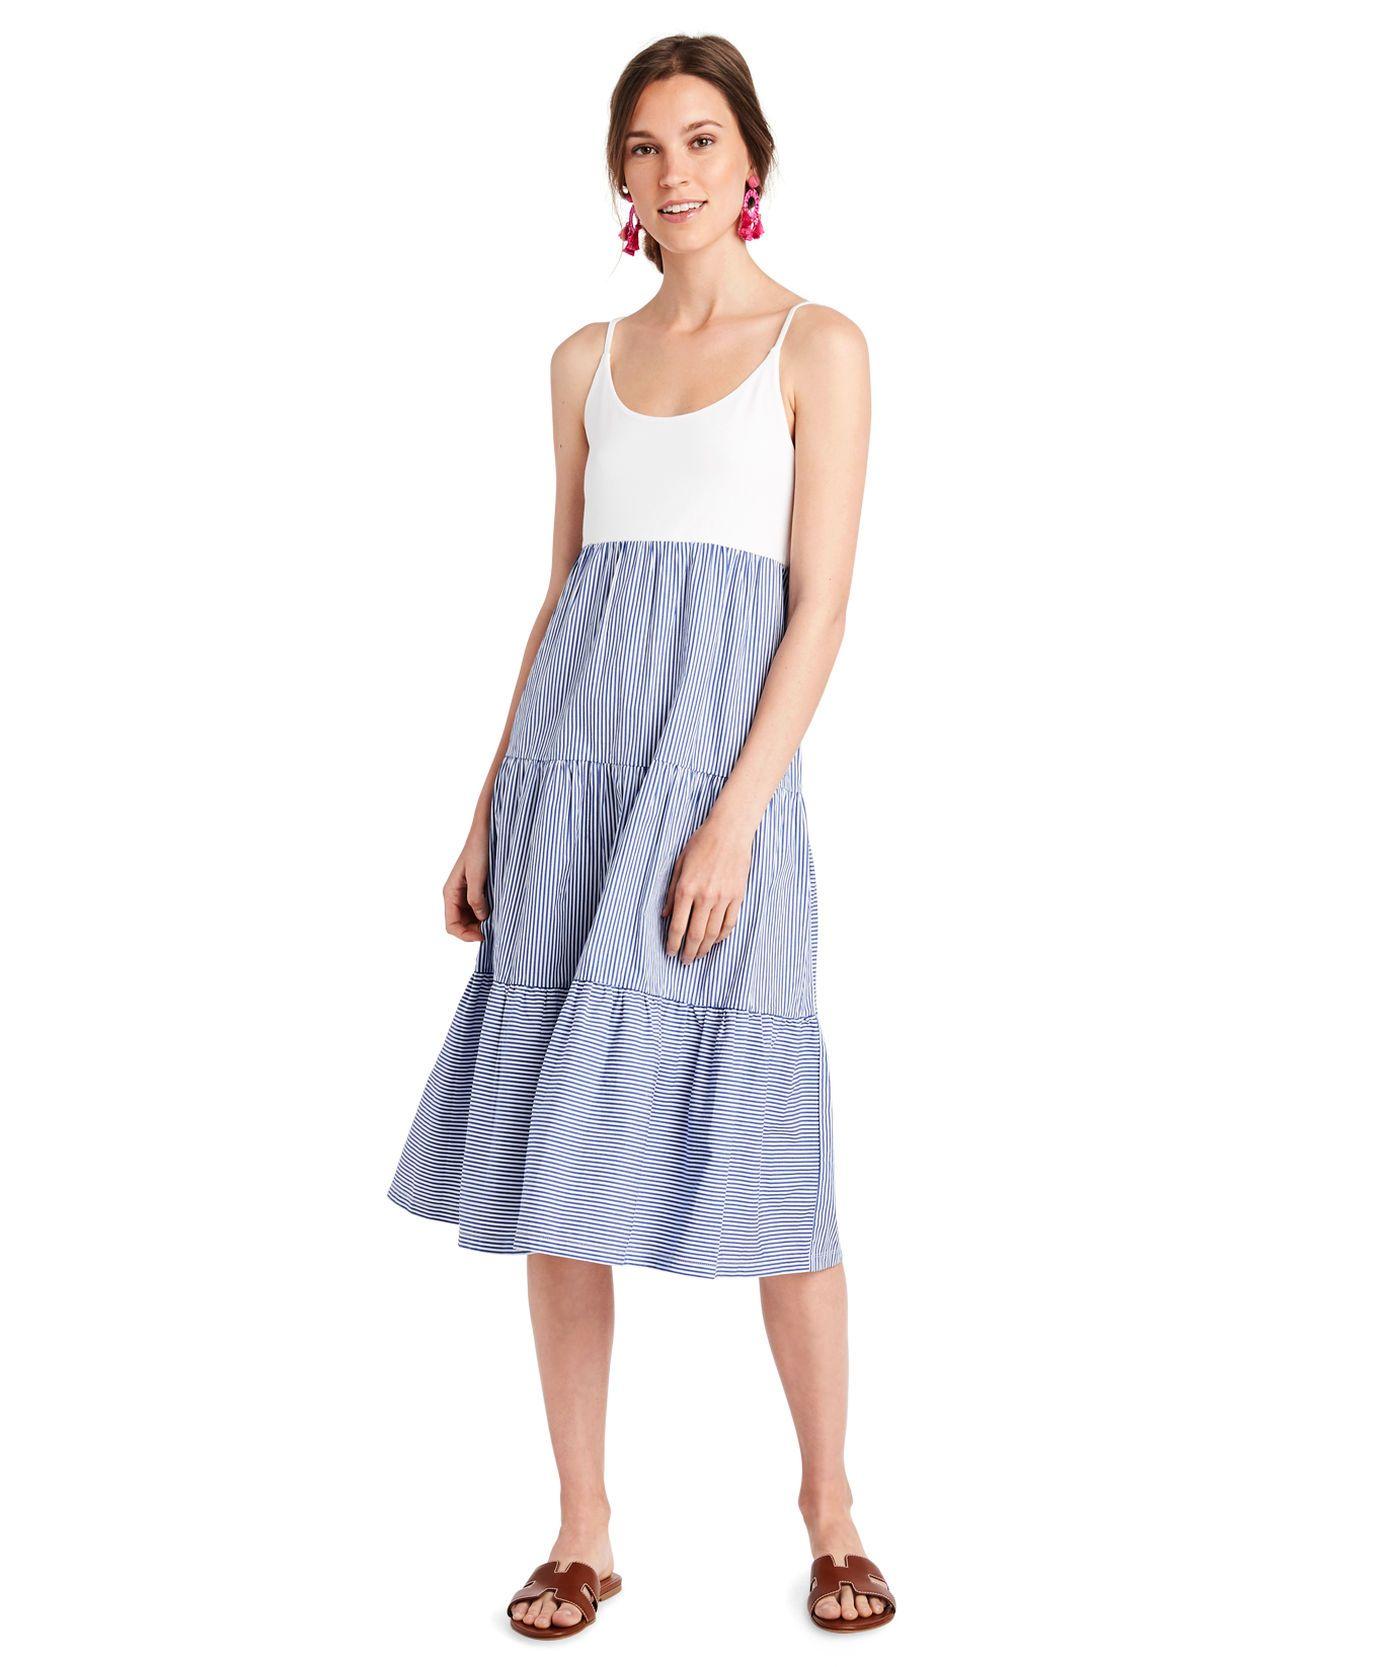 Shop Mixed Media Tiered Dress At Vineyard Vines Tiered Dress Simple Dresses Dresses [ 1667 x 1400 Pixel ]